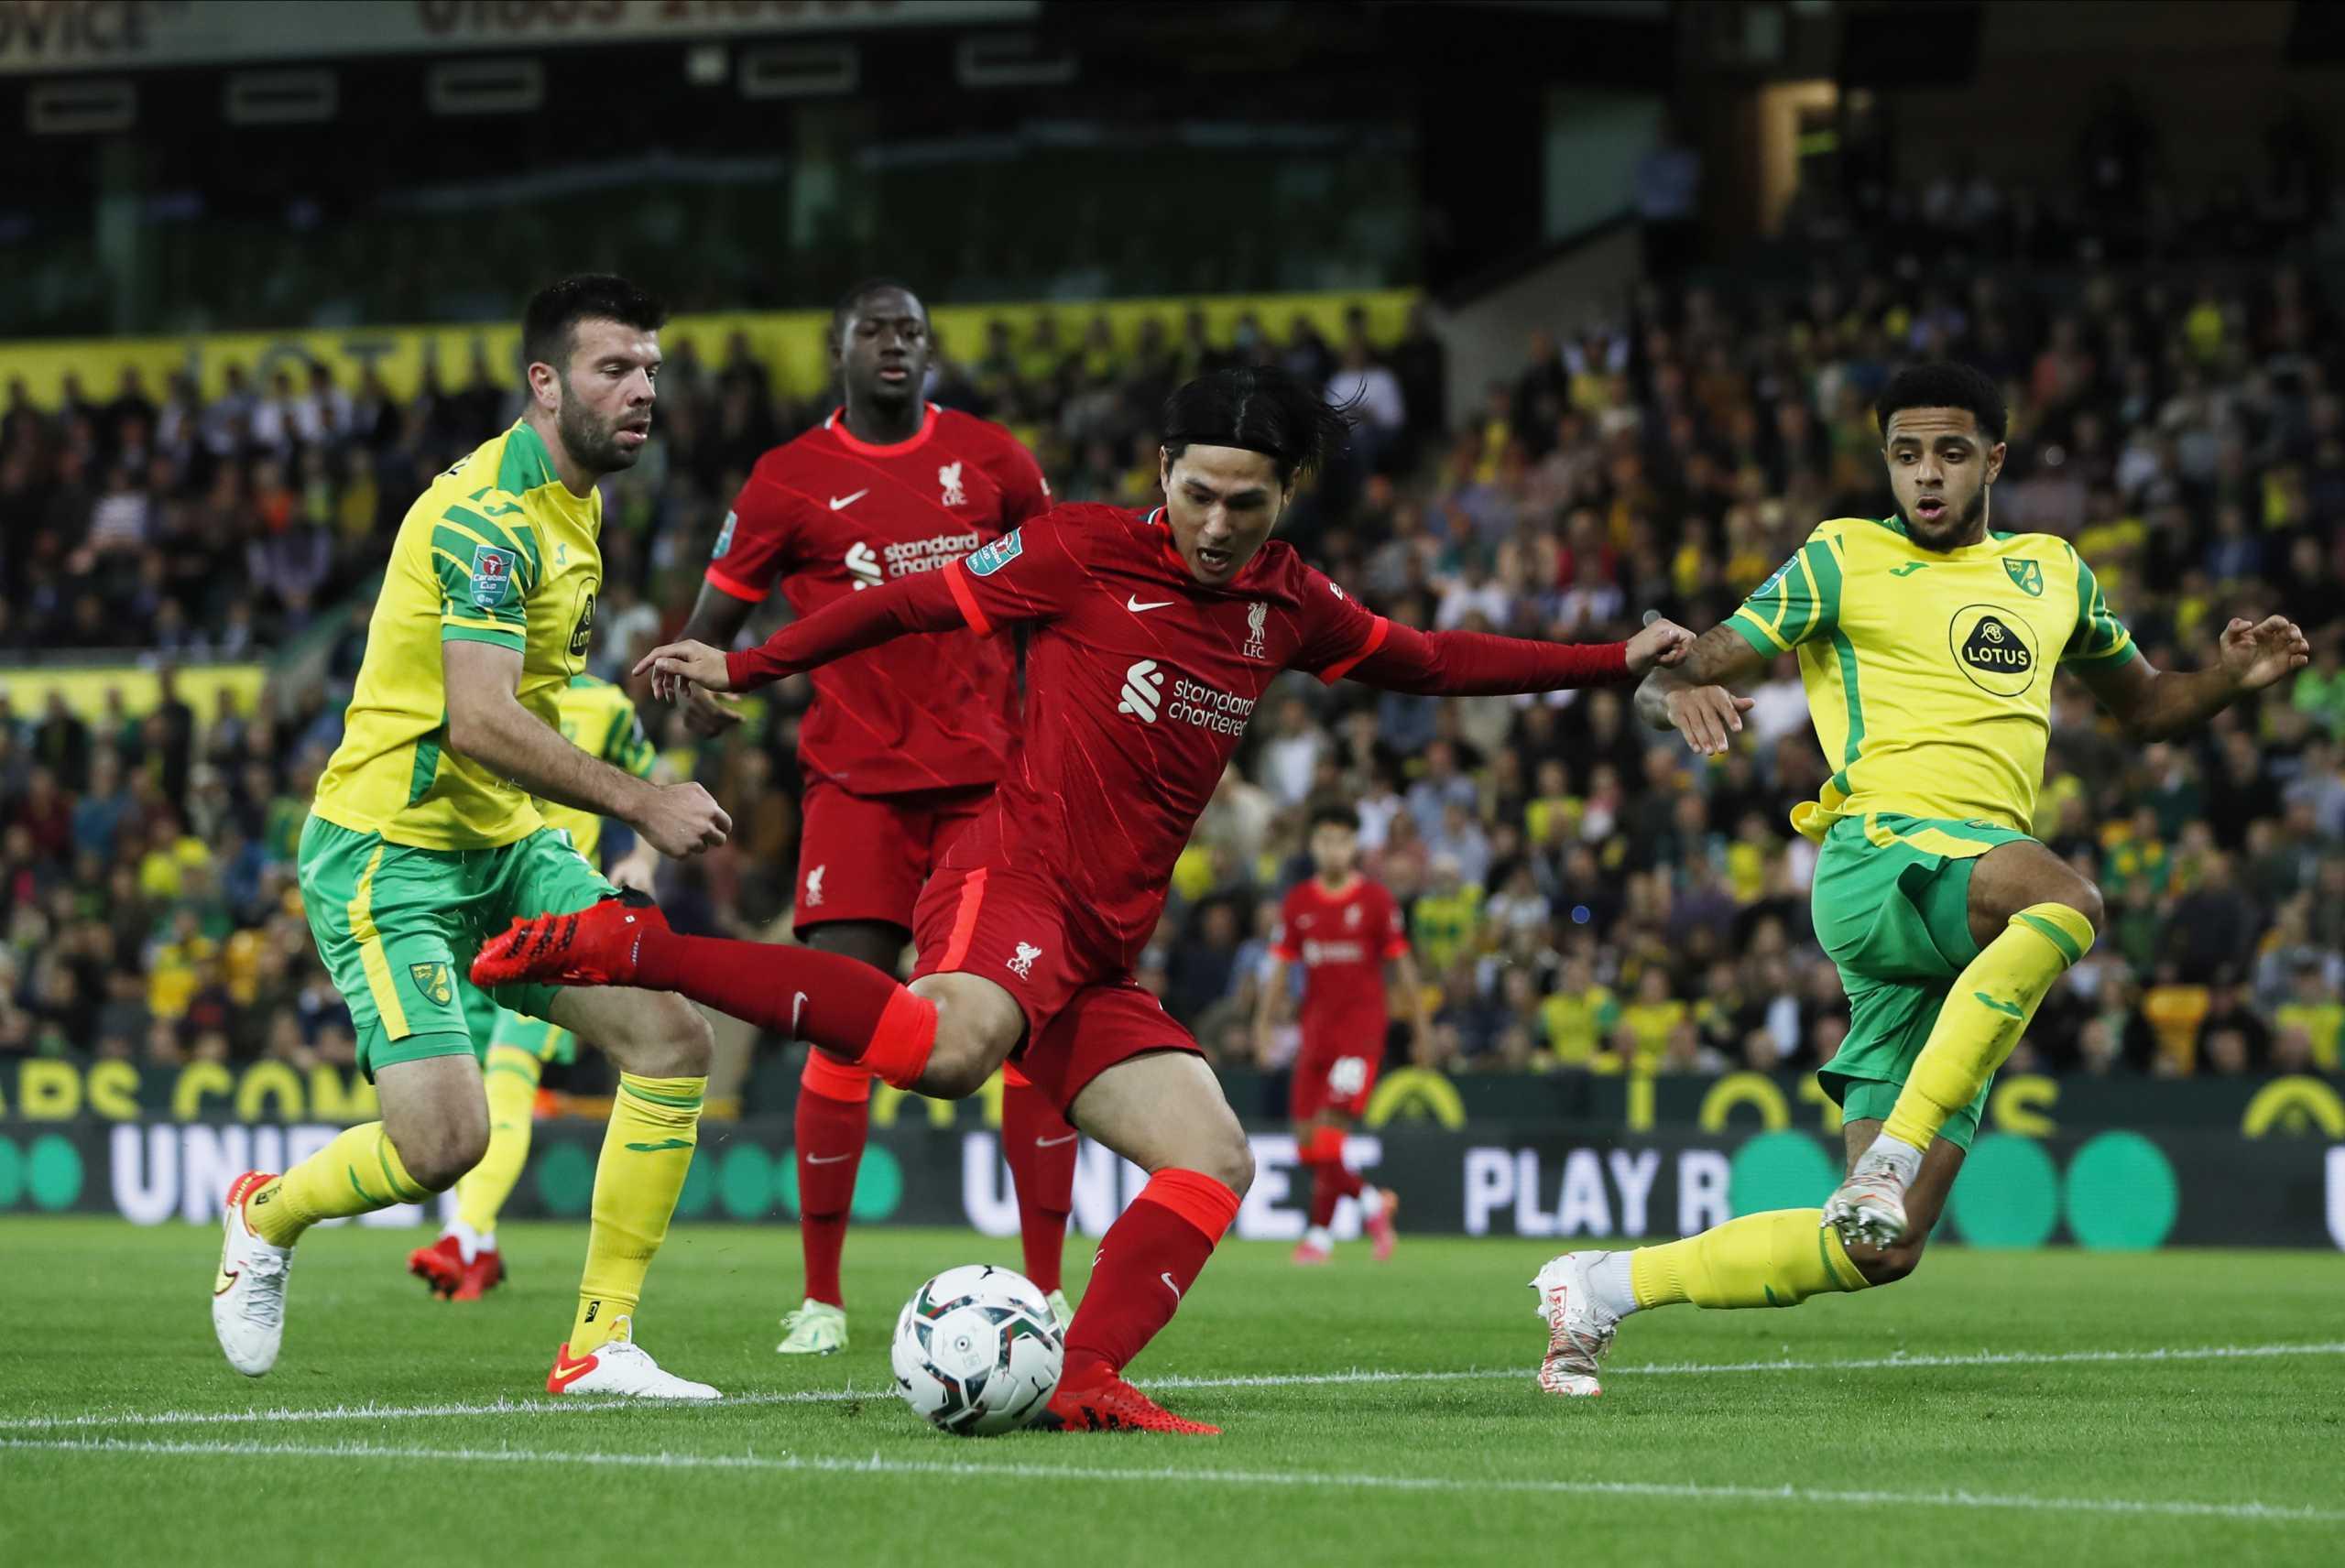 Νόριτς – Λίβερπουλ 0-3: Ο Τσιμίκας νίκησε στον «εμφύλιο», μοιραίος ο Τζόλης